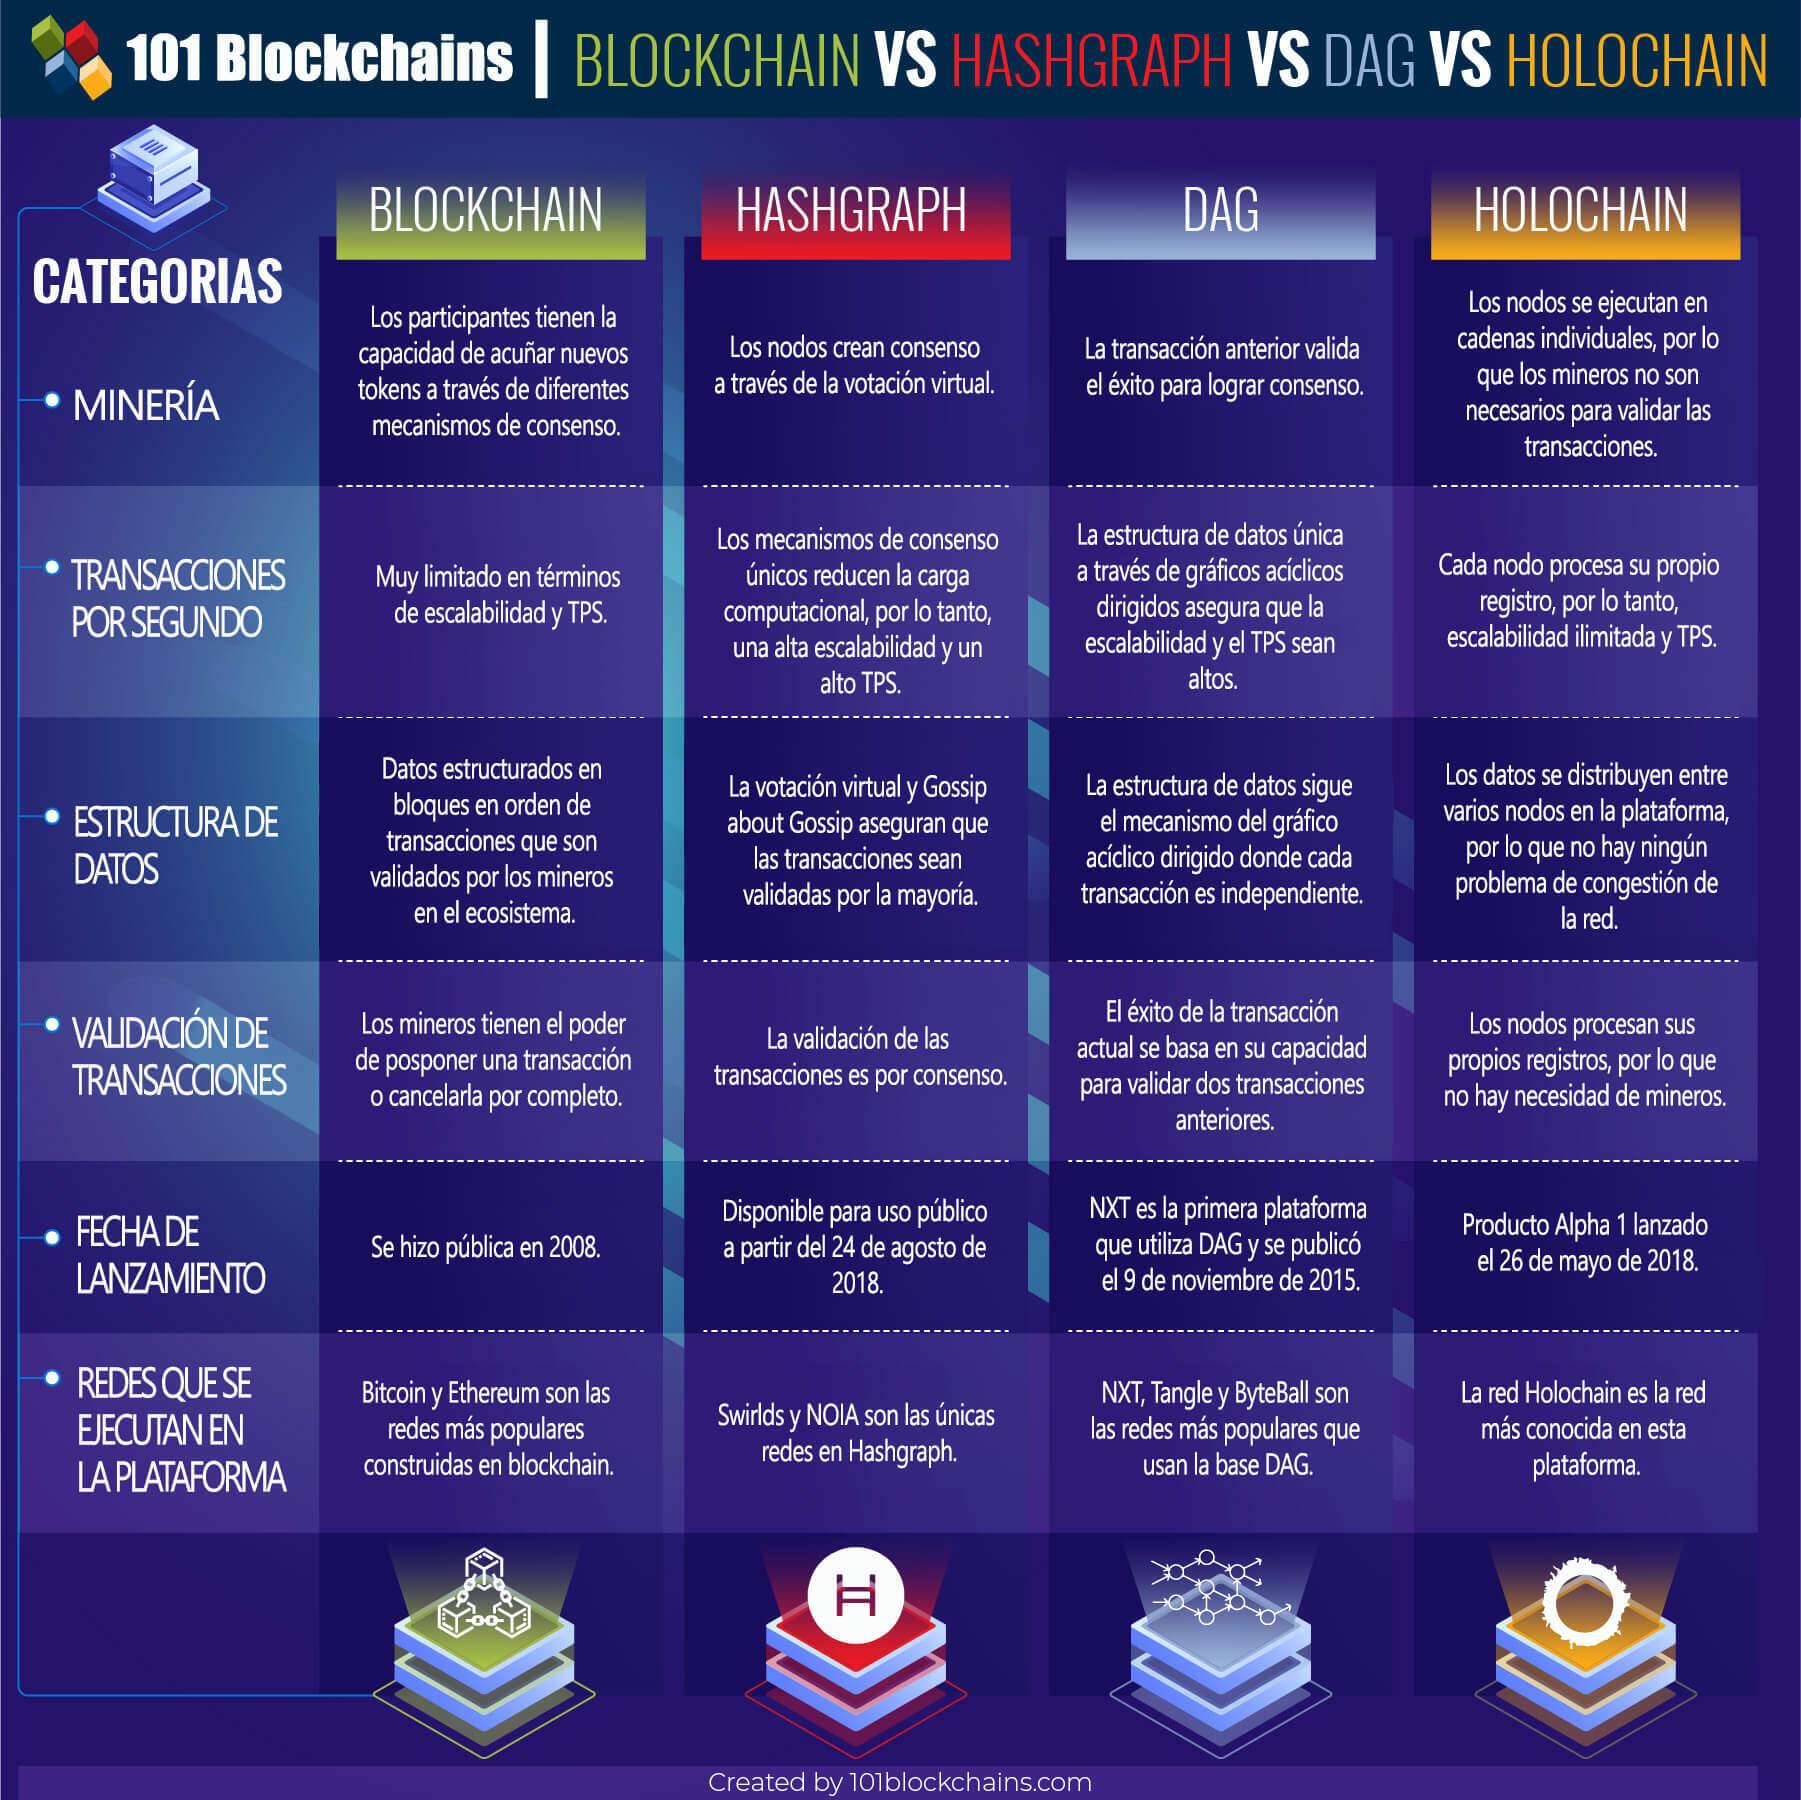 comparación de los tipos de registros distribuidos: Blockchain vs Hashgraph vs Dag vs Holochain